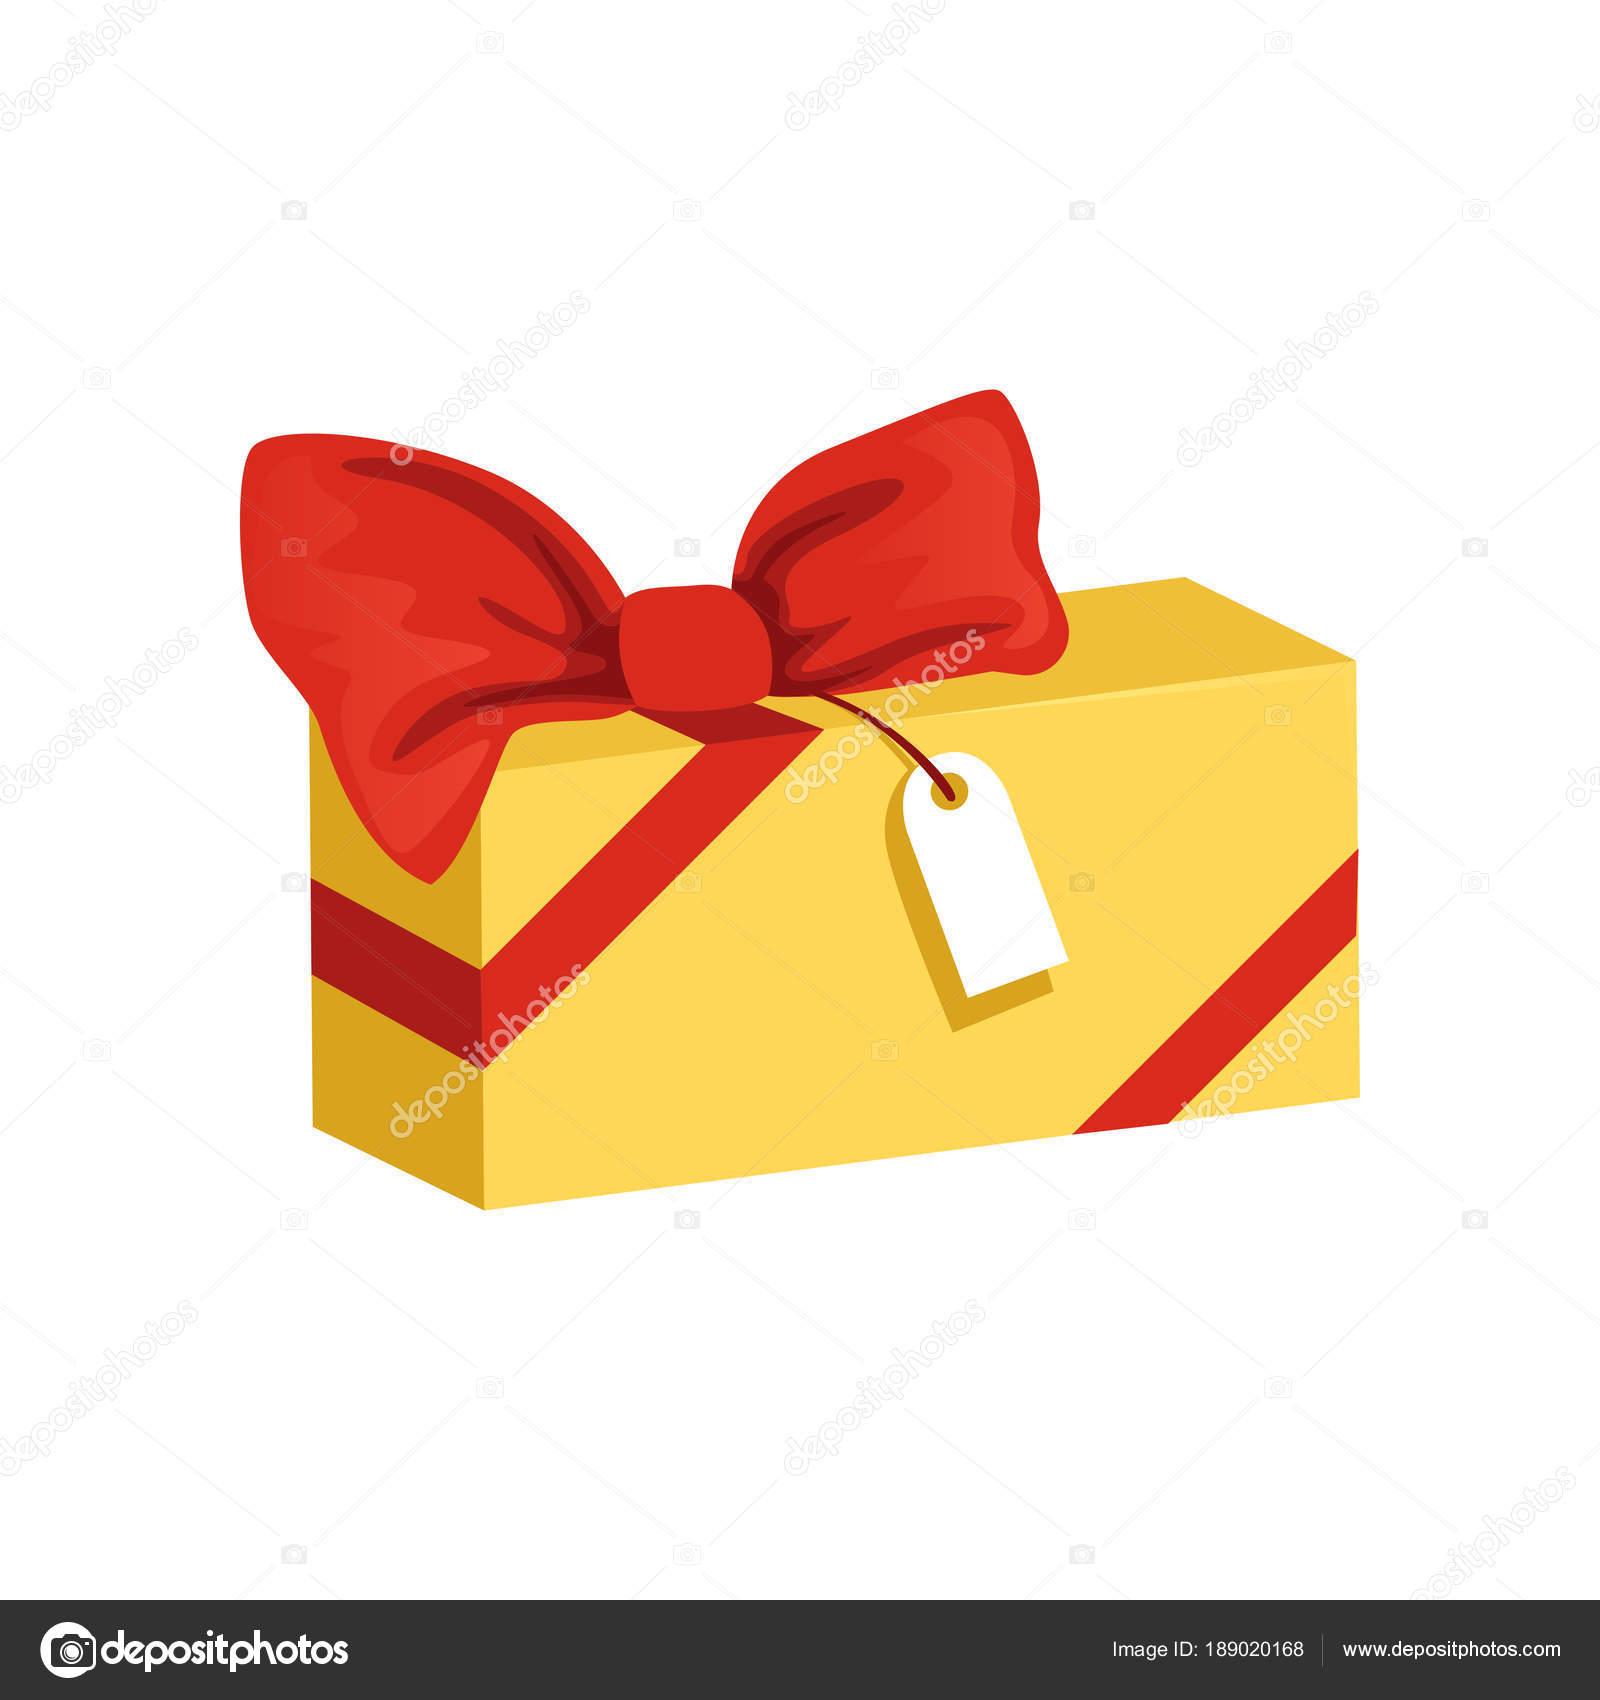 Icono de dibujos animados de caja de regalo rectangular amarillo con ...